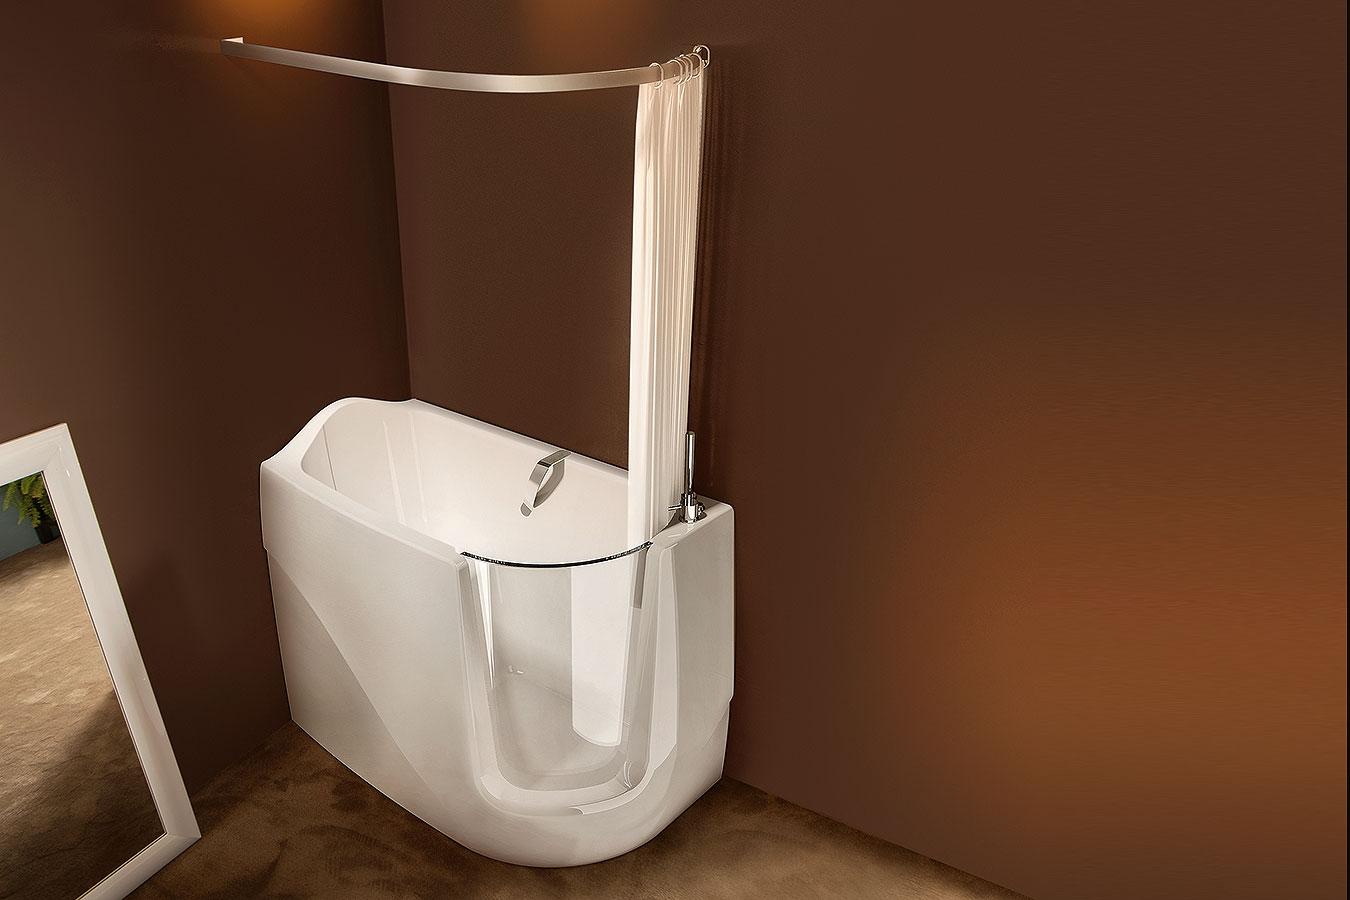 Vasca Da Bagno 180 100 : Treesse vasche vasche da bagno edilceramiche di maccanò